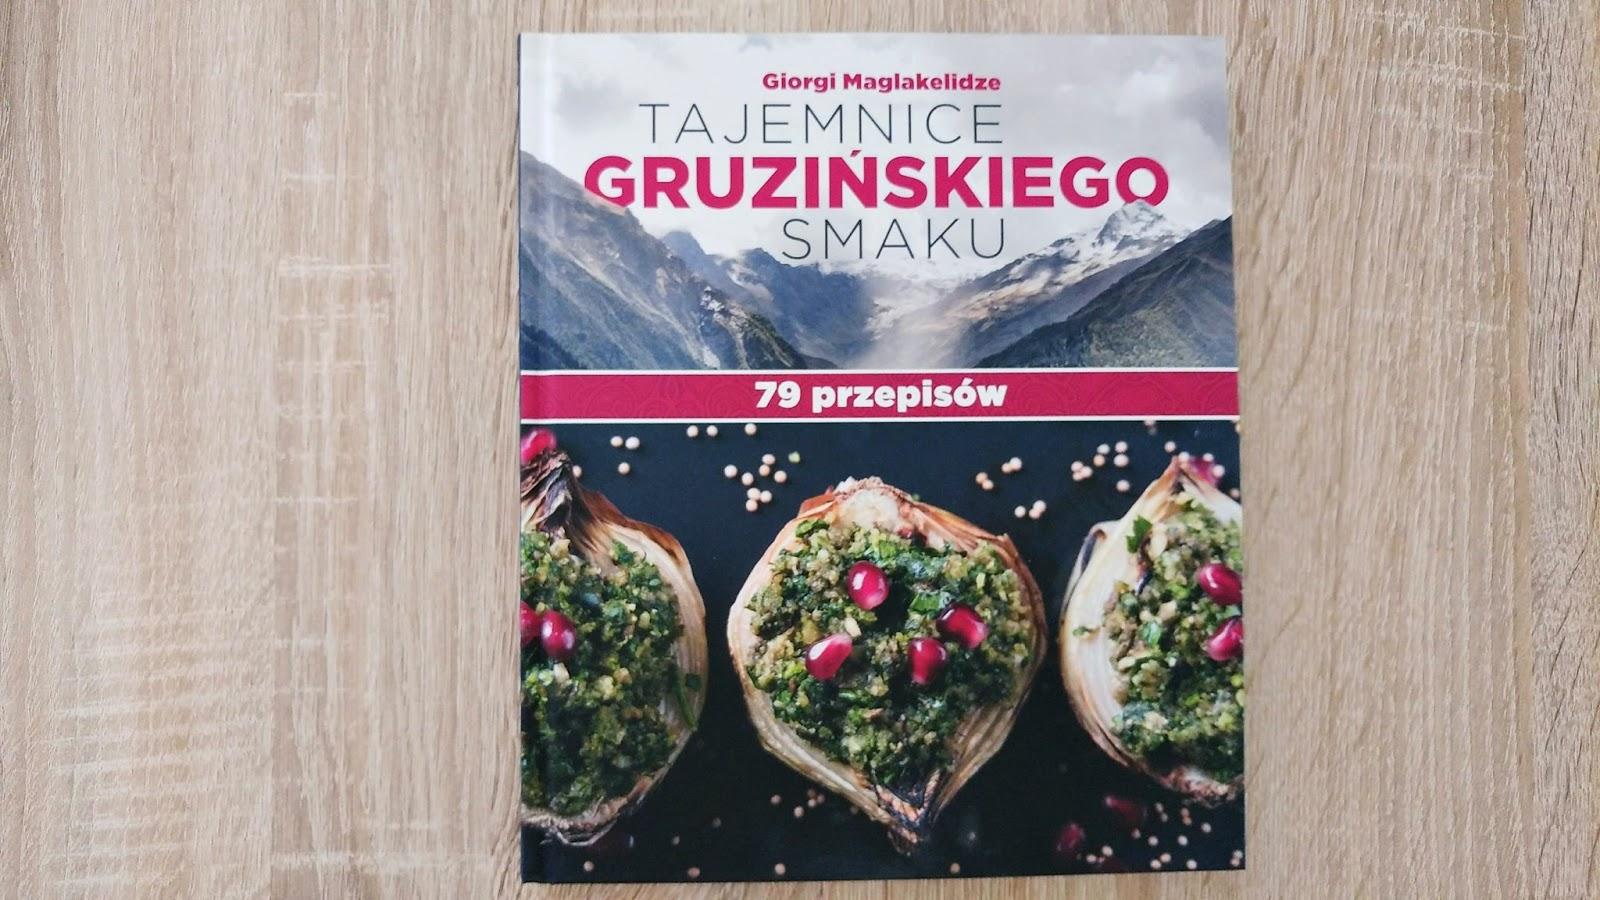 Tajemnice gruzińskiego smaku. 79 przepisów - Maglakelidze Giorgi - Wydawnictwo Nasza Księgarnia